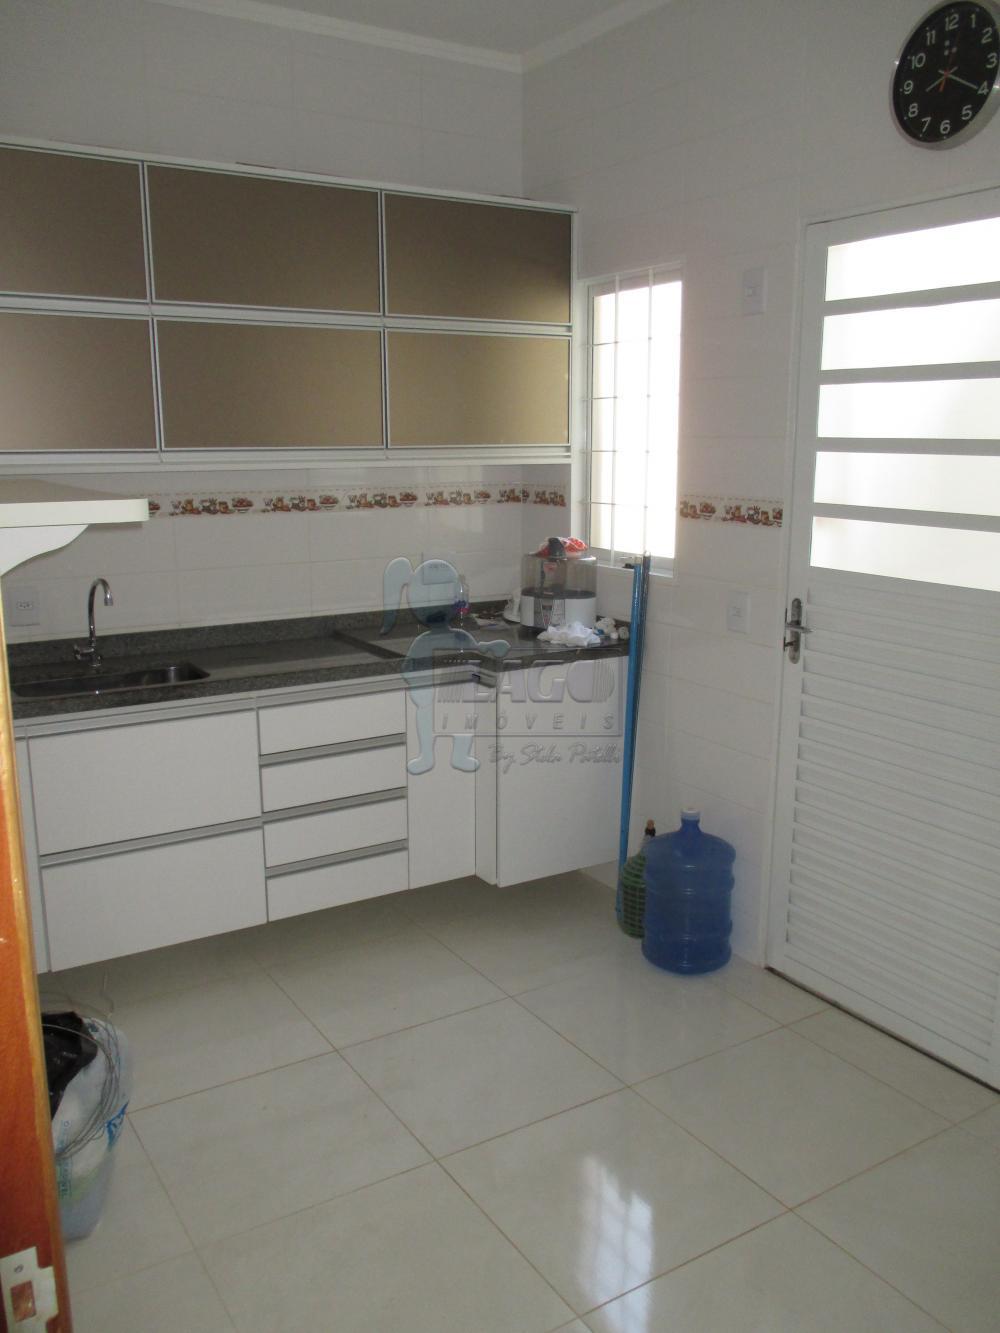 Alugar Apartamento / Padrão em Ribeirão Preto apenas R$ 870,00 - Foto 7